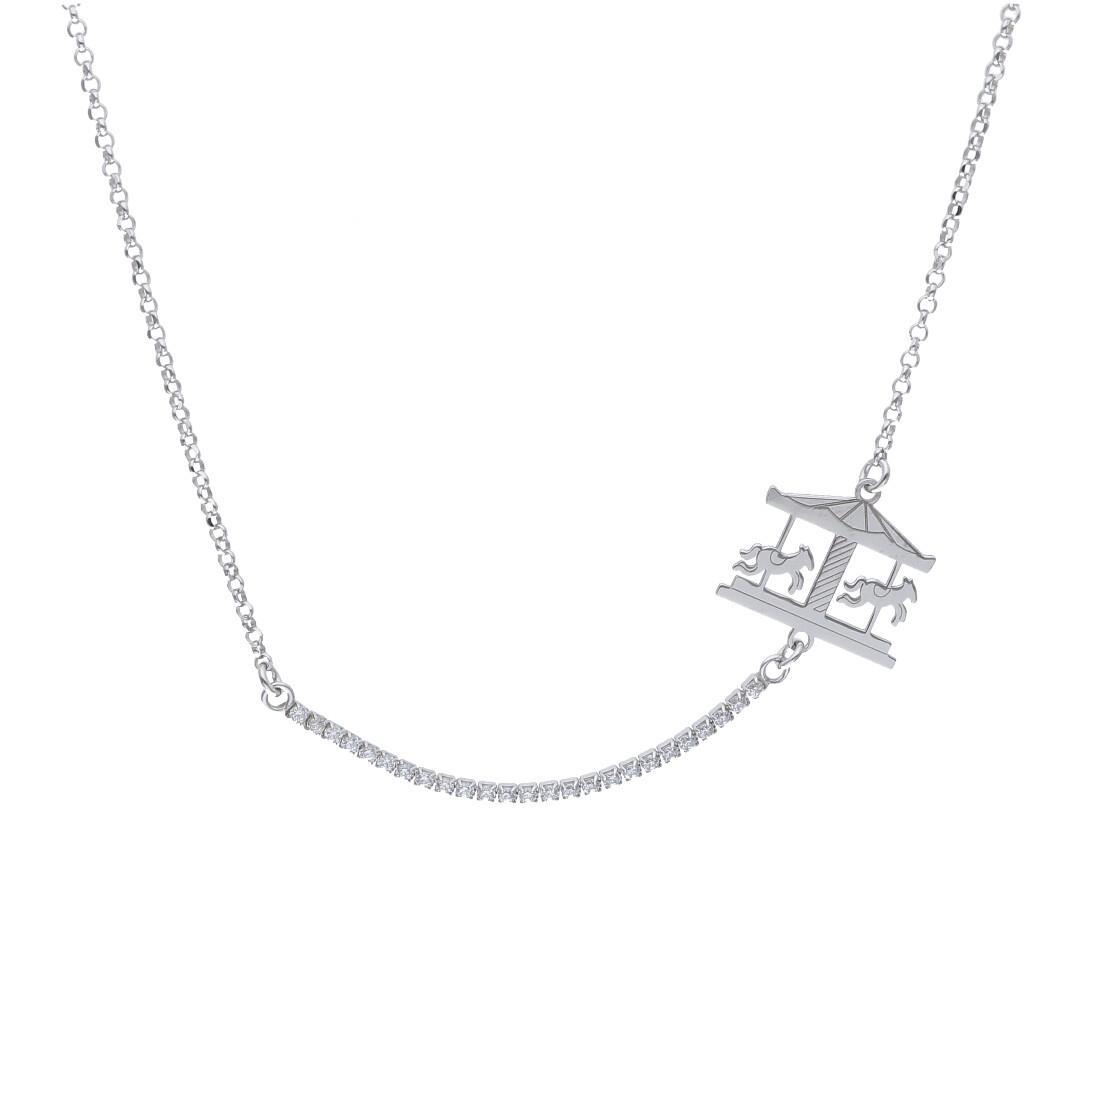 Collana in argento con zirconi - ORO&CO 925